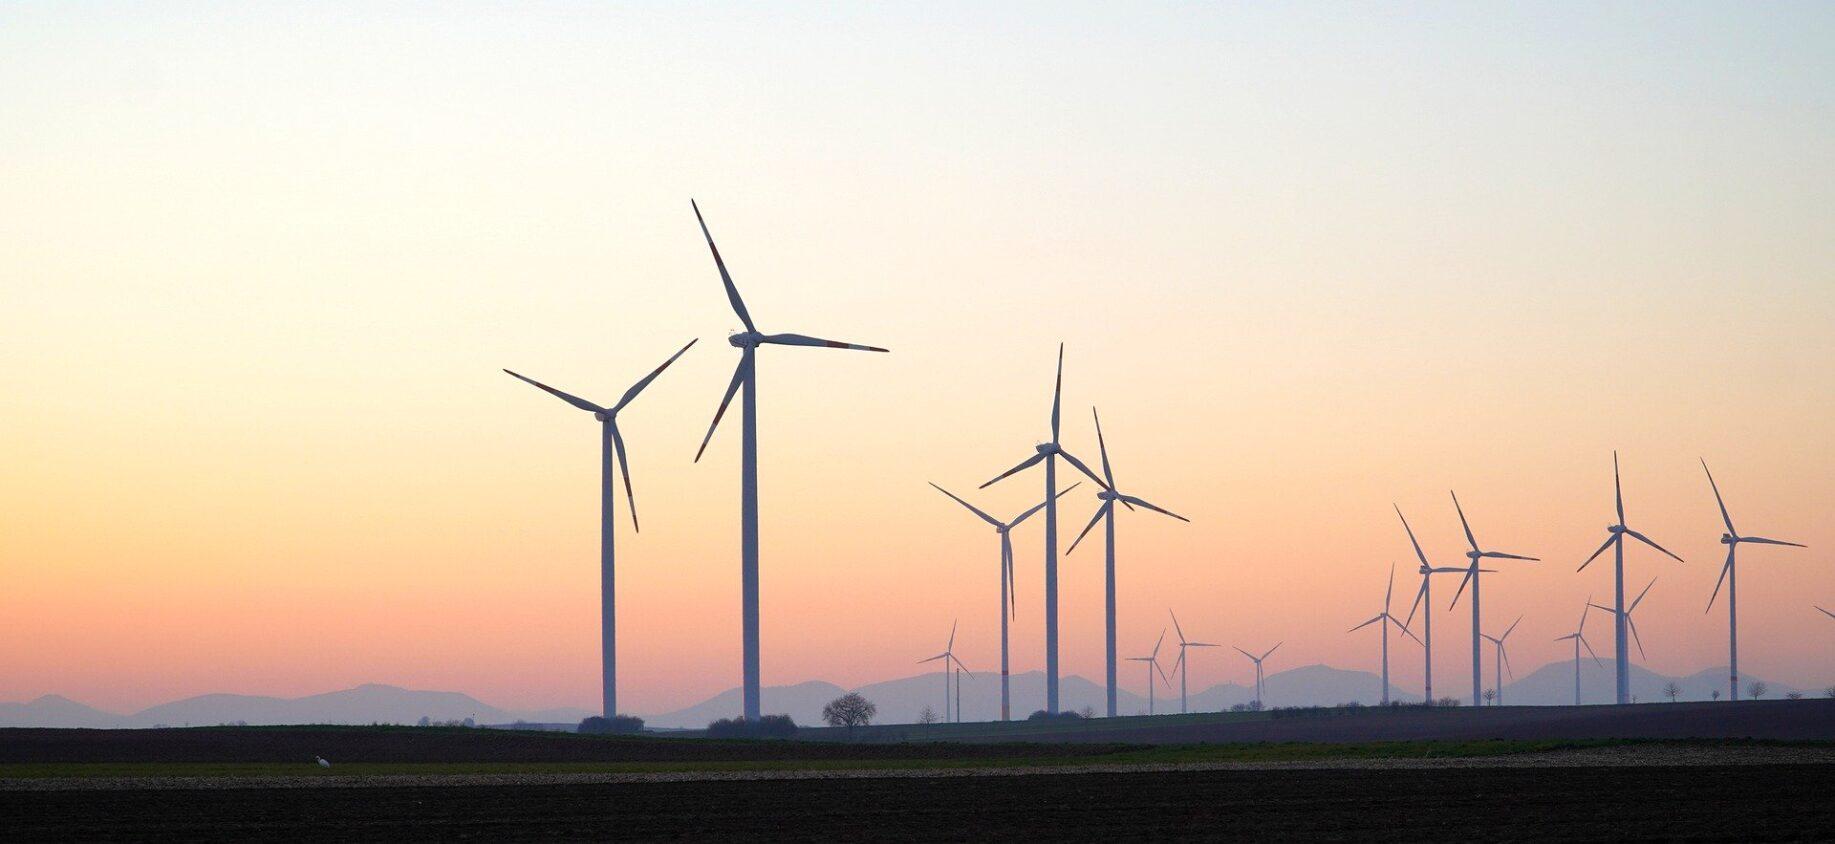 Vindkraft är en typ av förnyelsebar energi